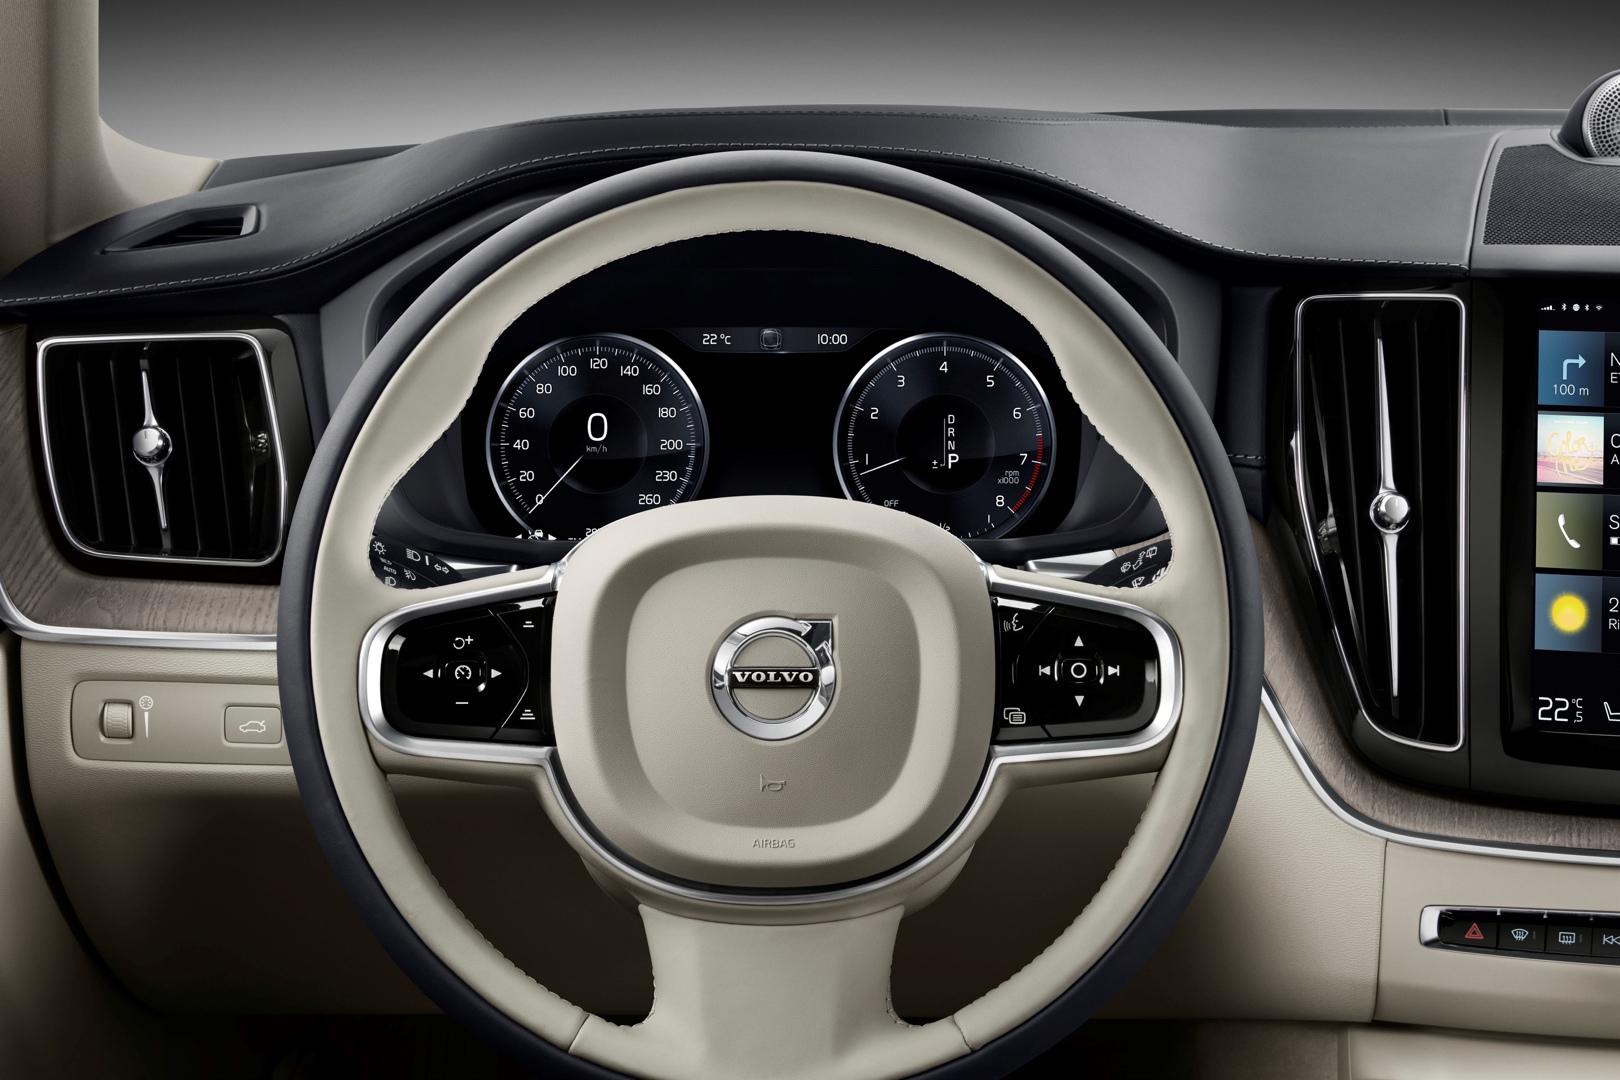 205053_The_new_Volvo_XC60